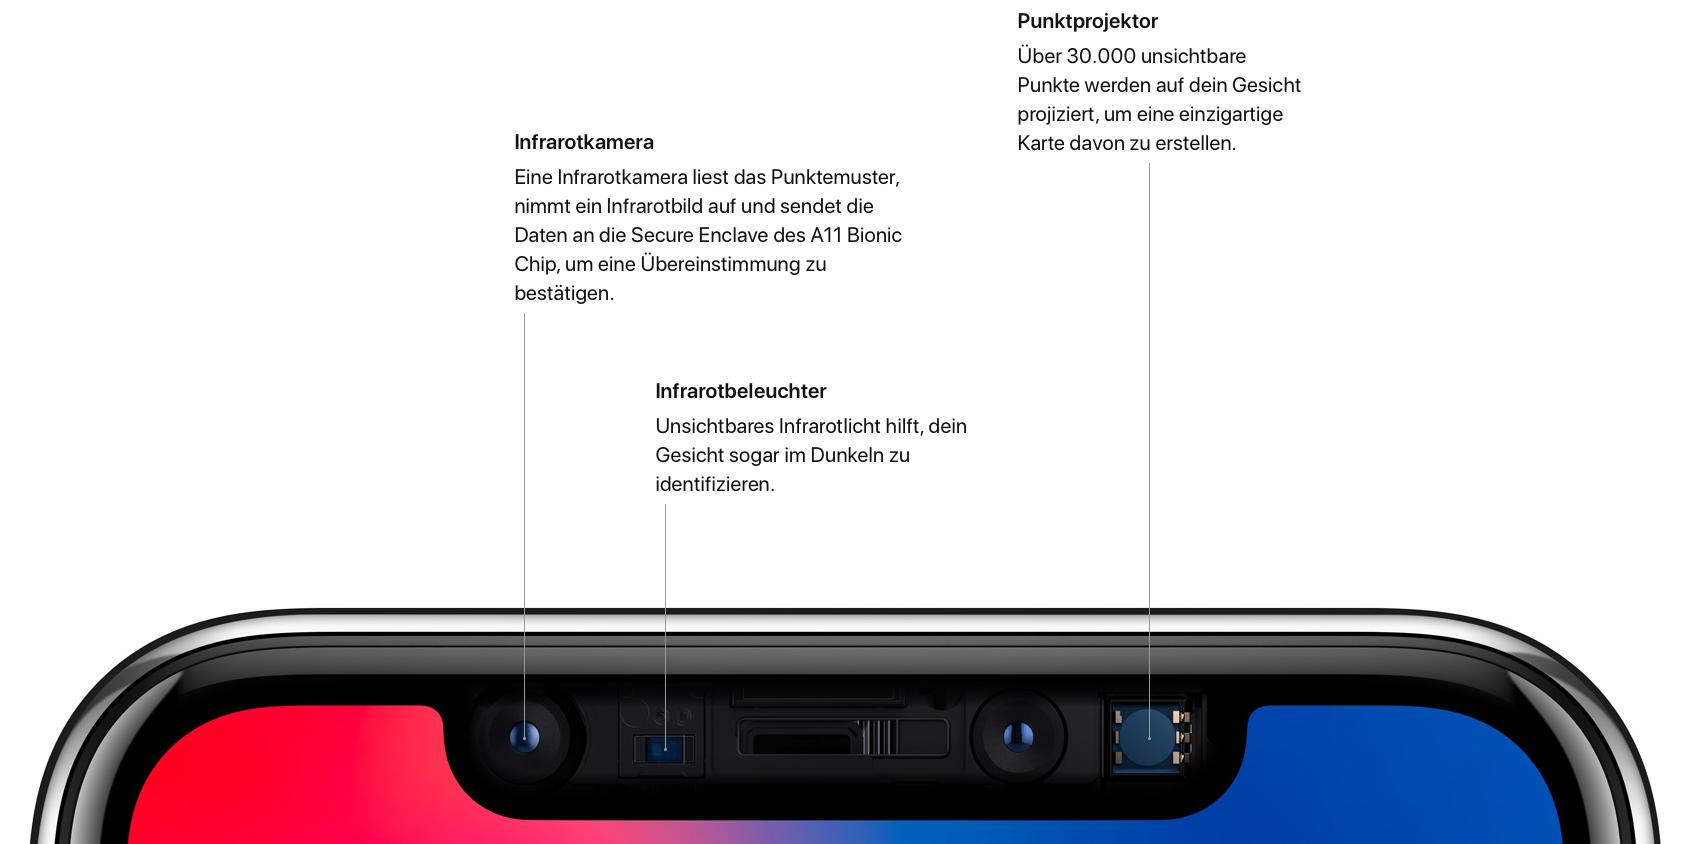 Funktionsweise von faceID, Hack4Life, Fabian Geissler